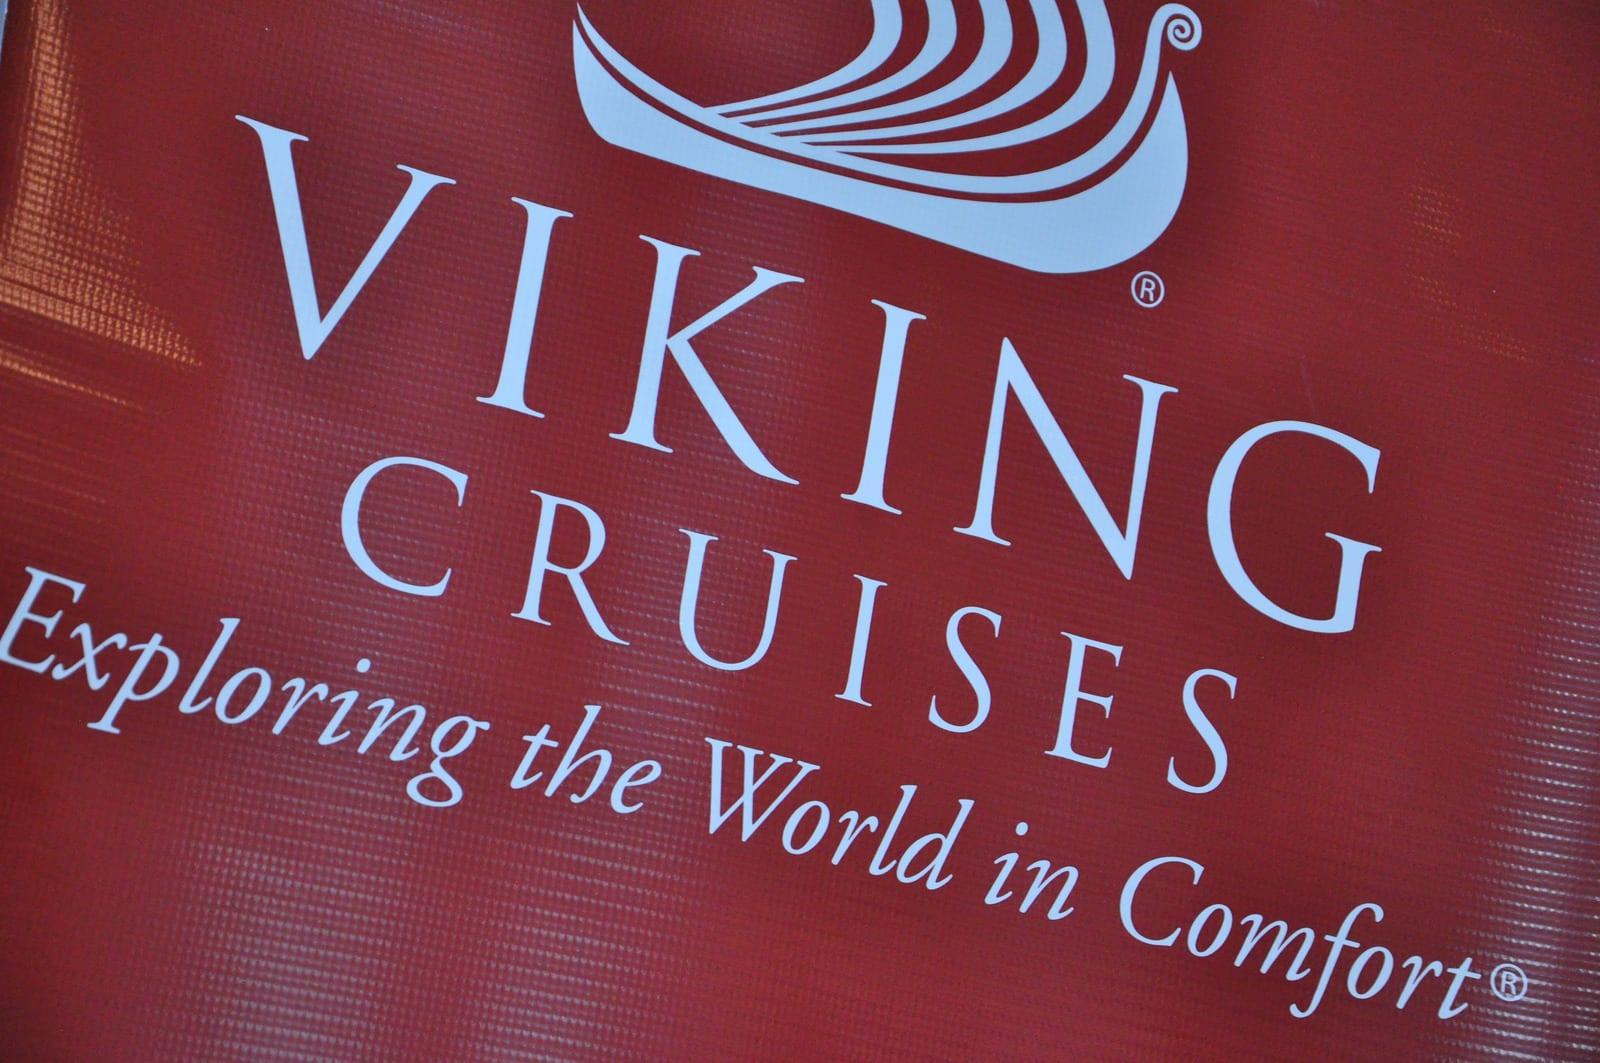 バイキング・クルーズが旅行代理店に対して100万ドルが当たるプロモーションを発表